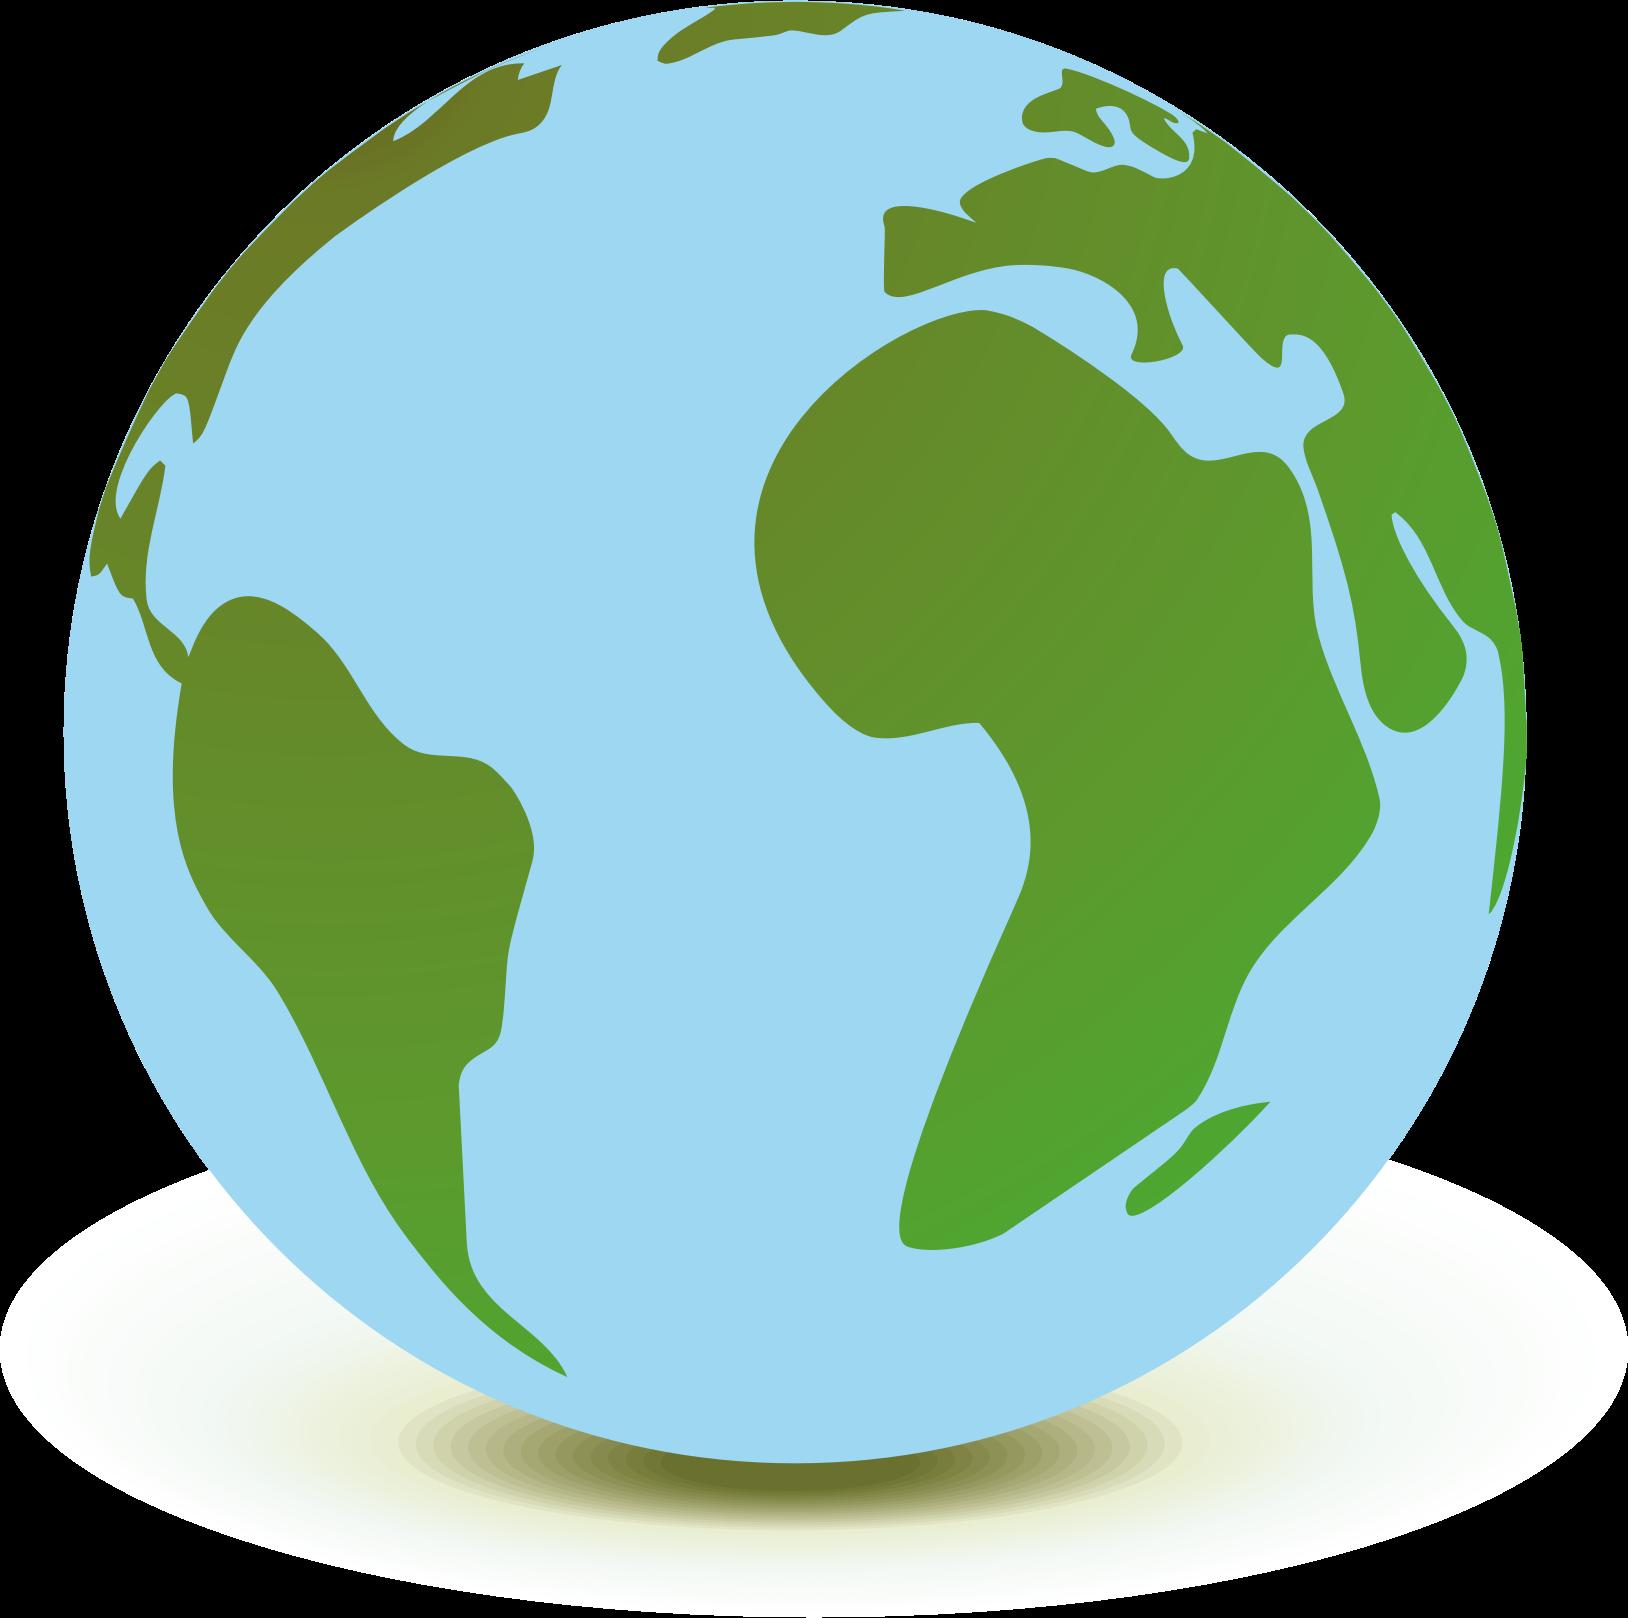 Mappamondo. Clipart world circle